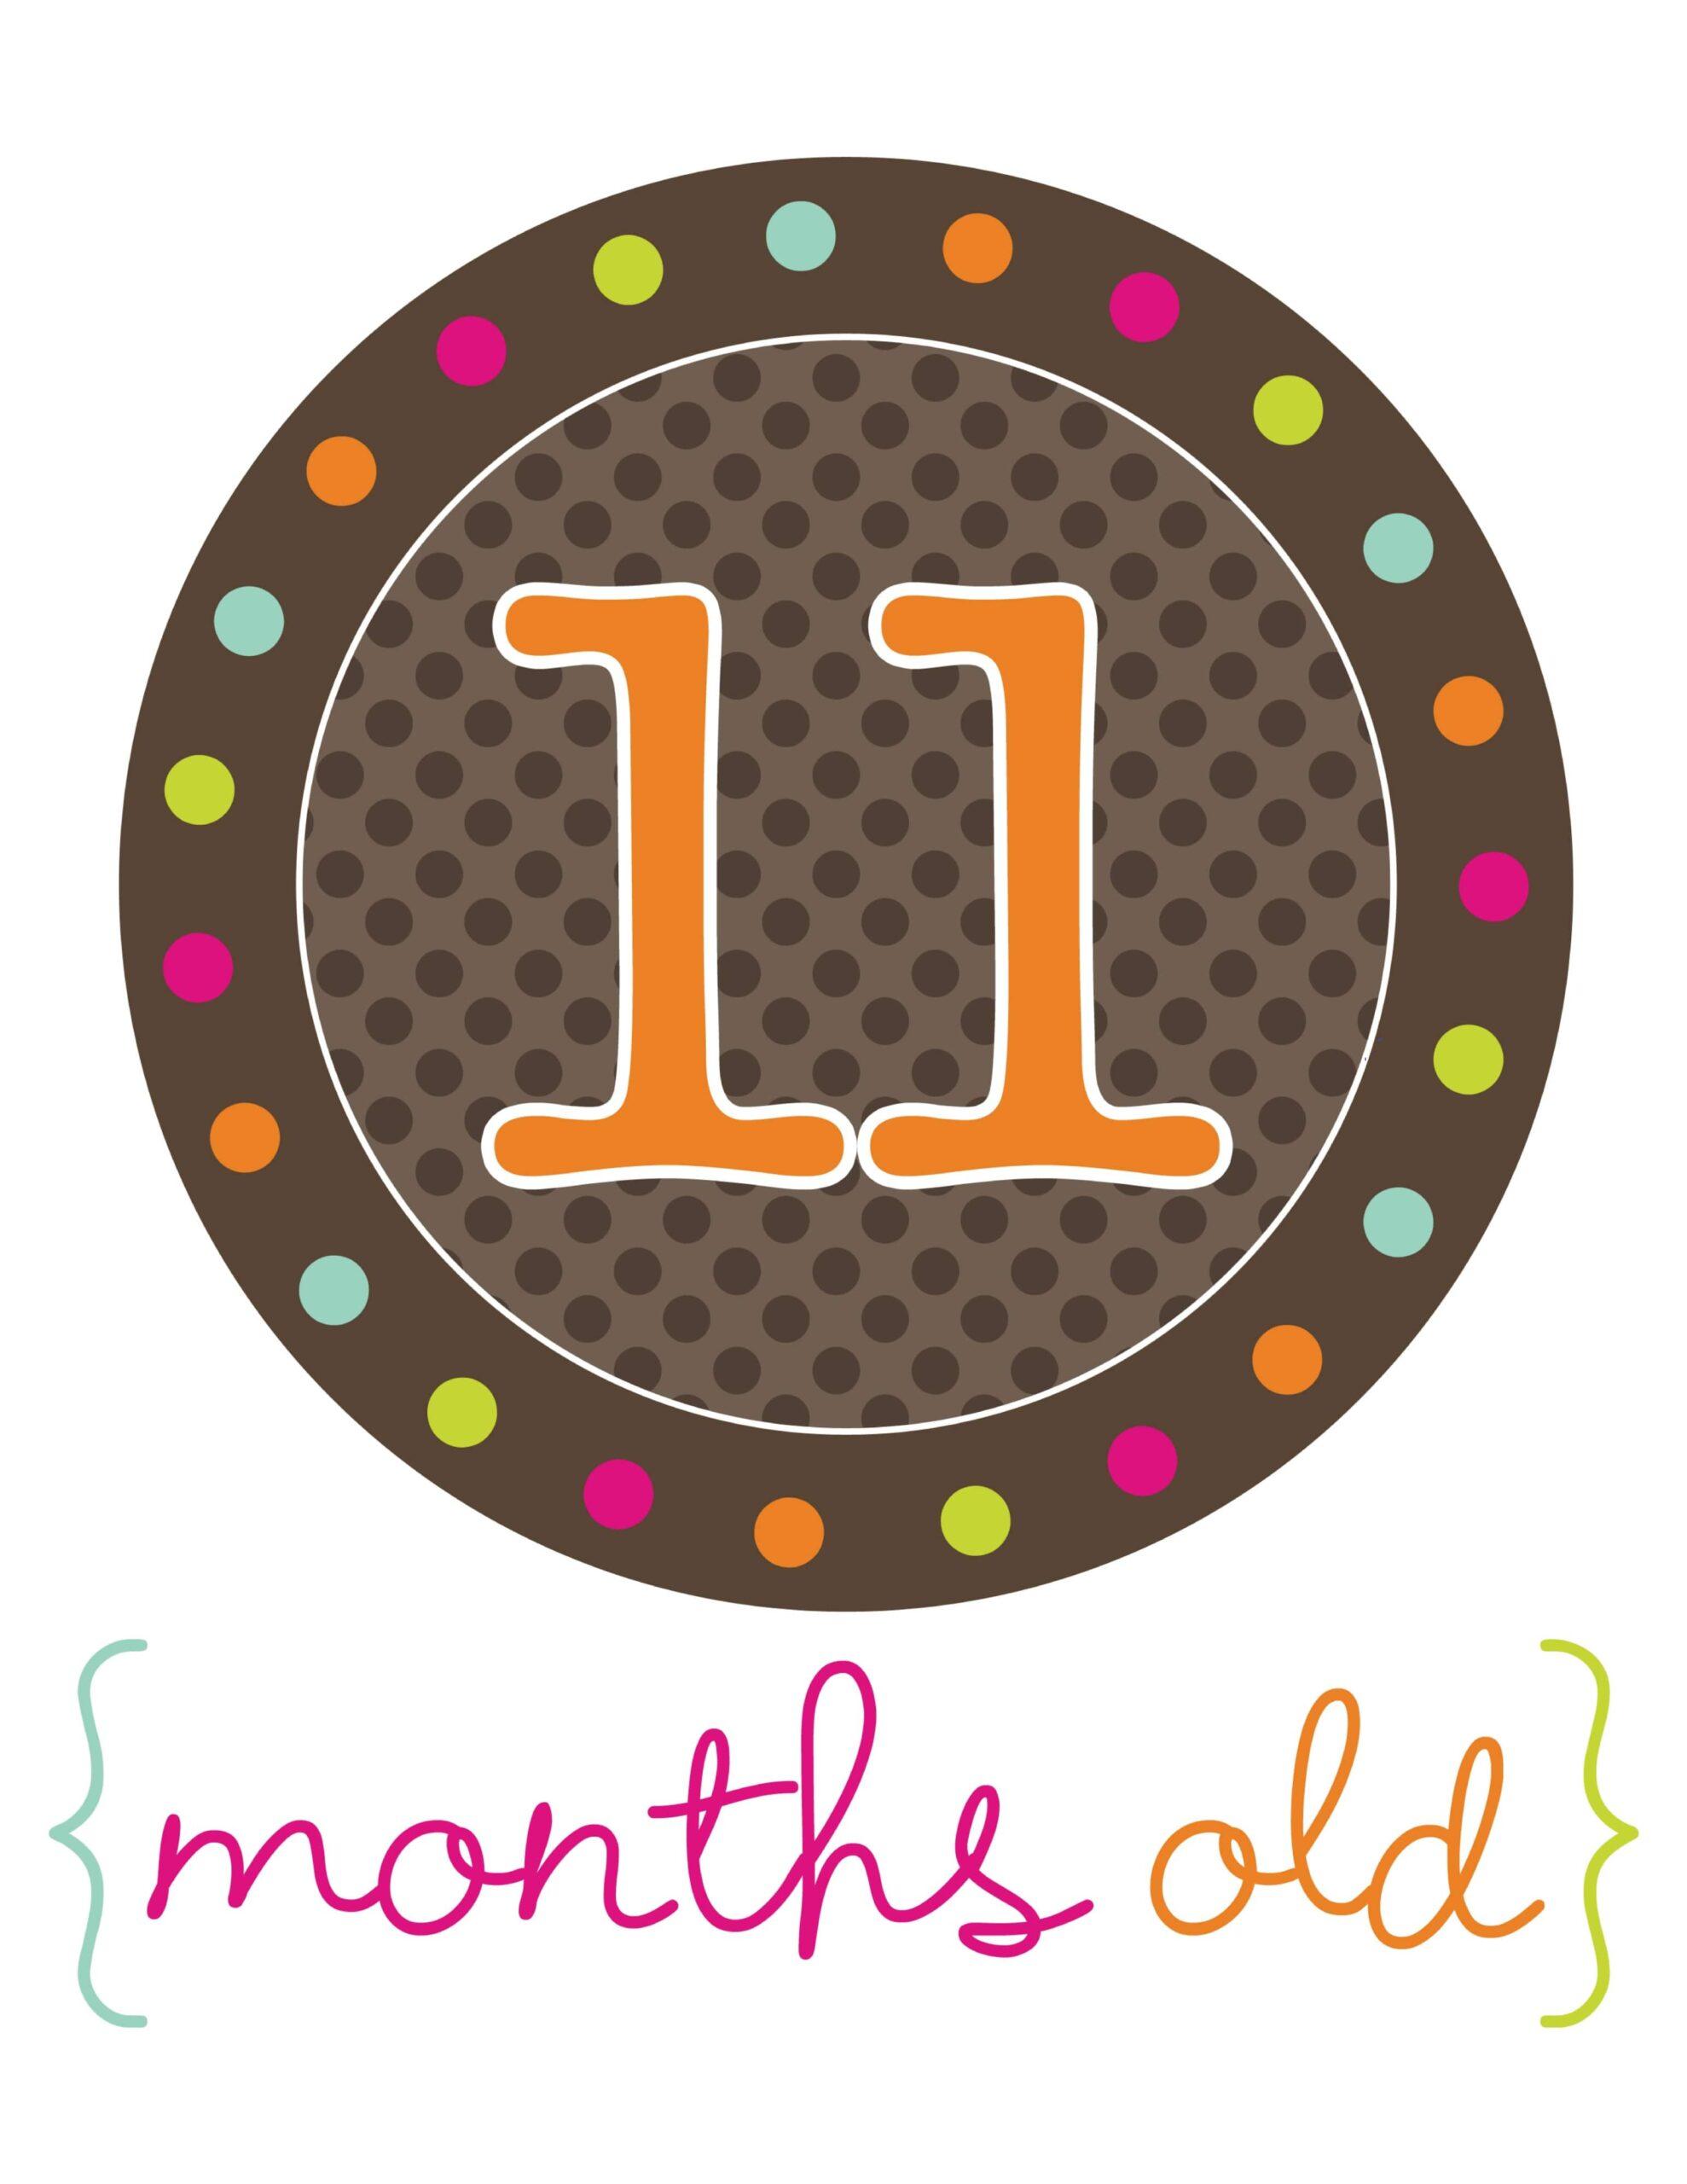 стикер для фотосессий 11 месяцев